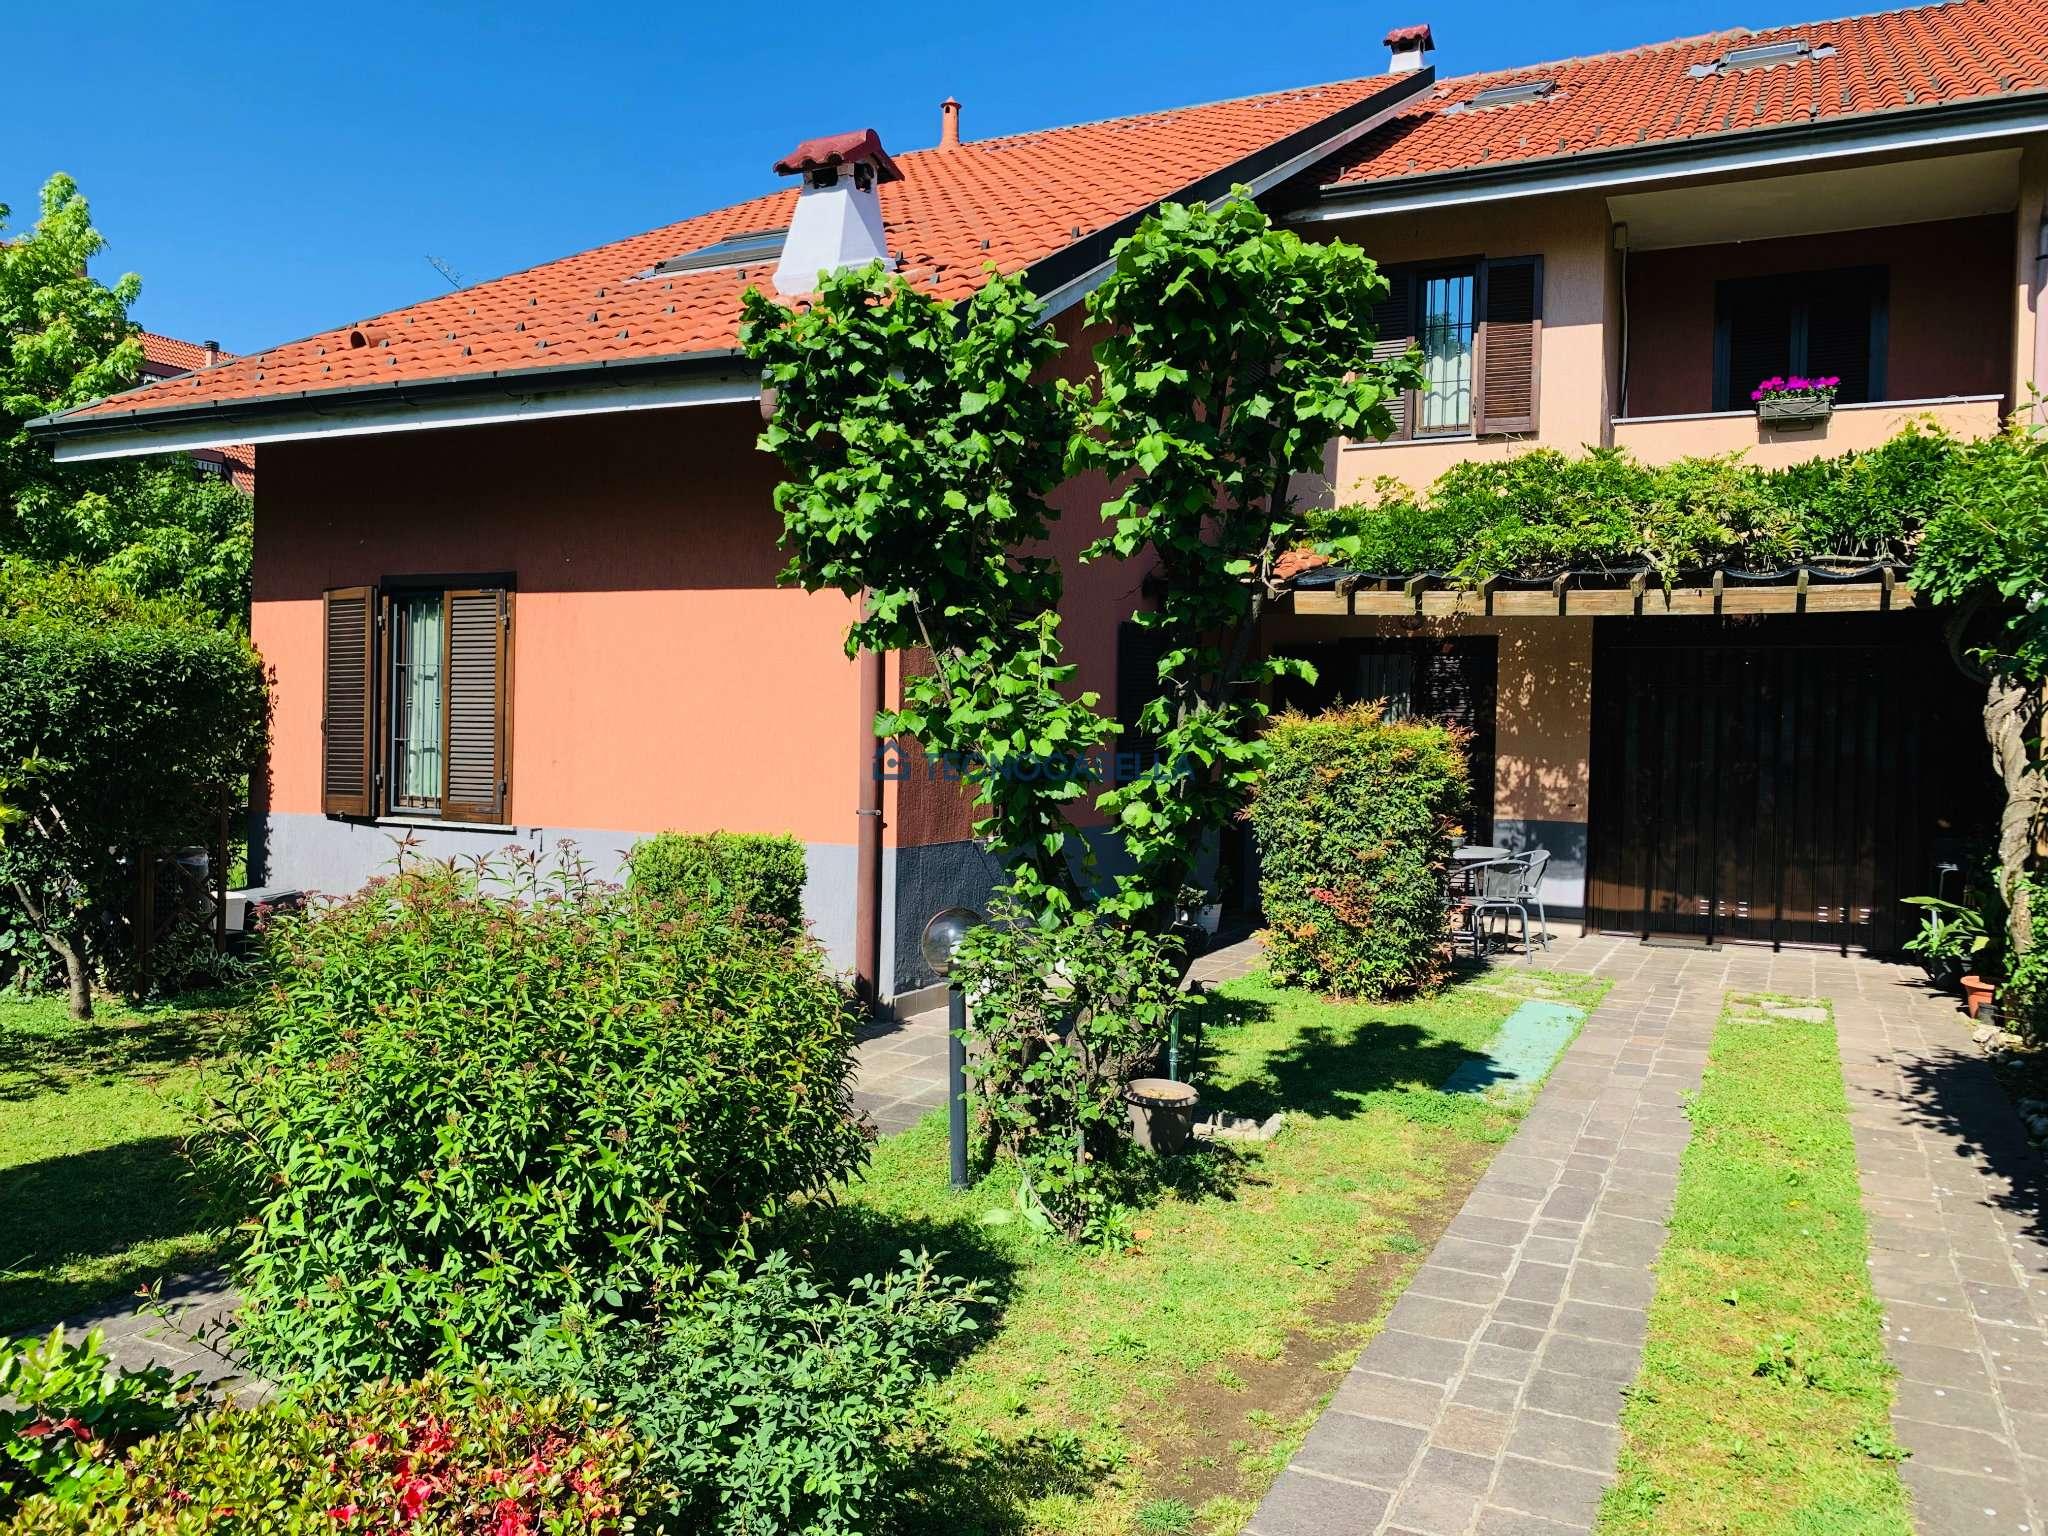 Villa in vendita a Vittuone, 4 locali, prezzo € 325.000 | CambioCasa.it